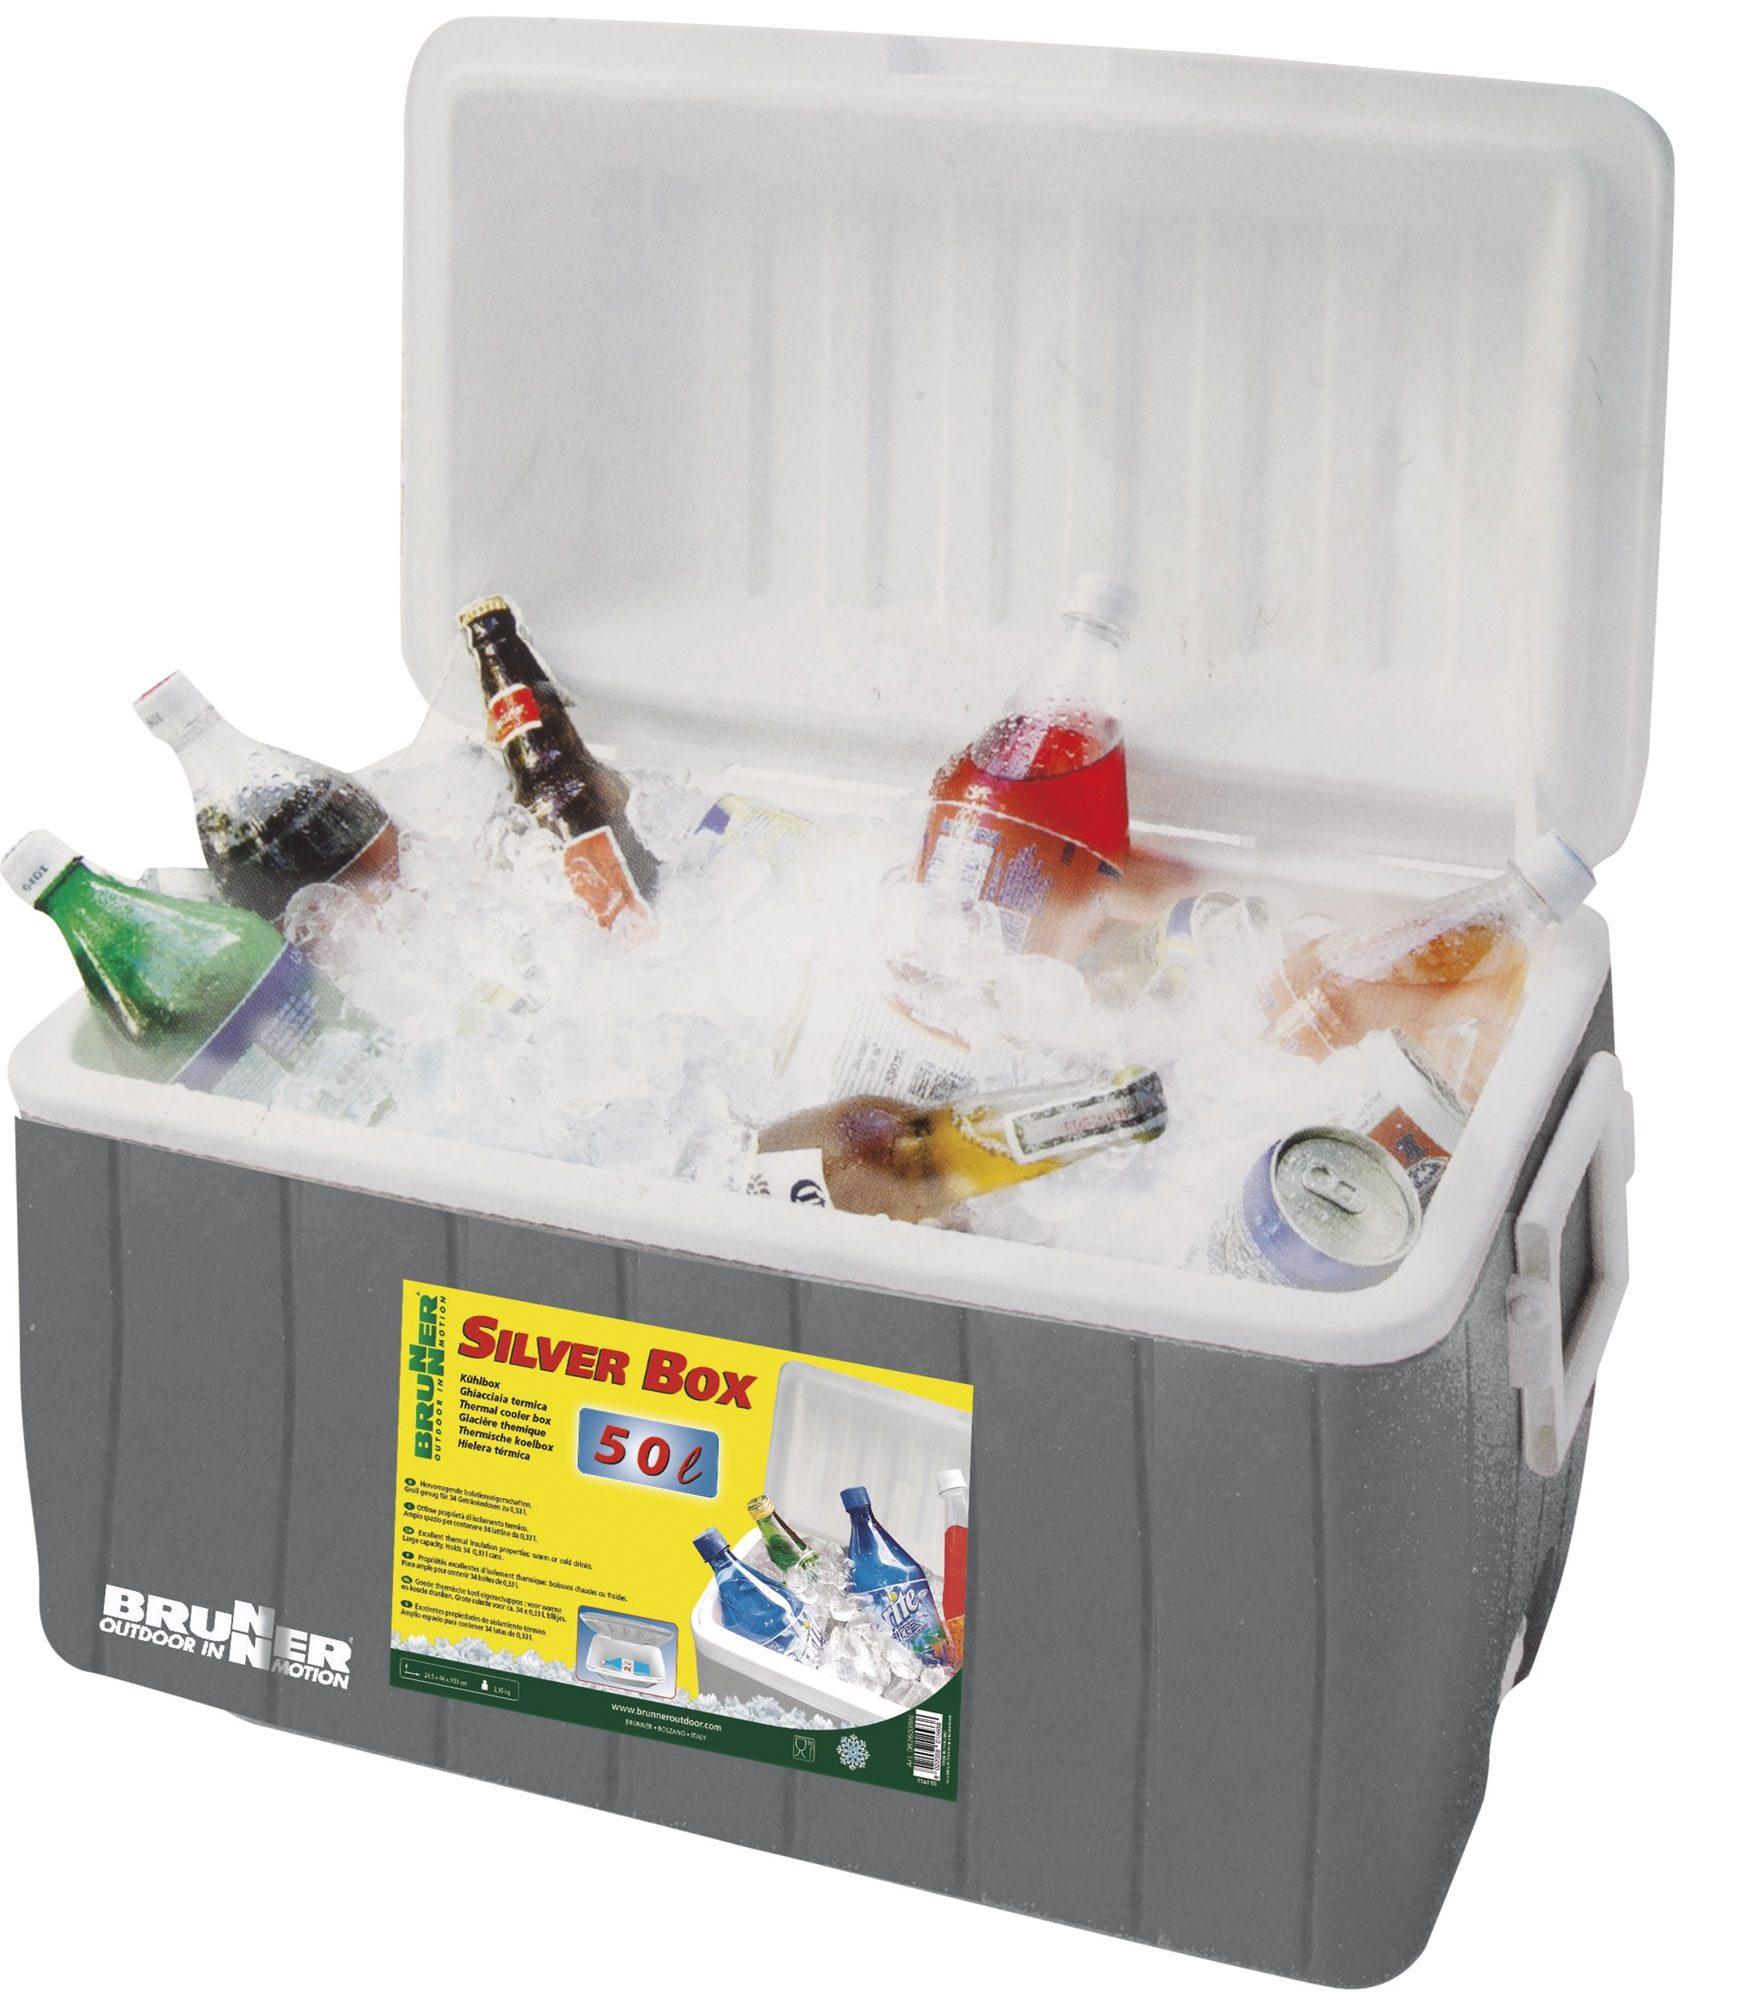 Ghiacciaia Silver Box 50